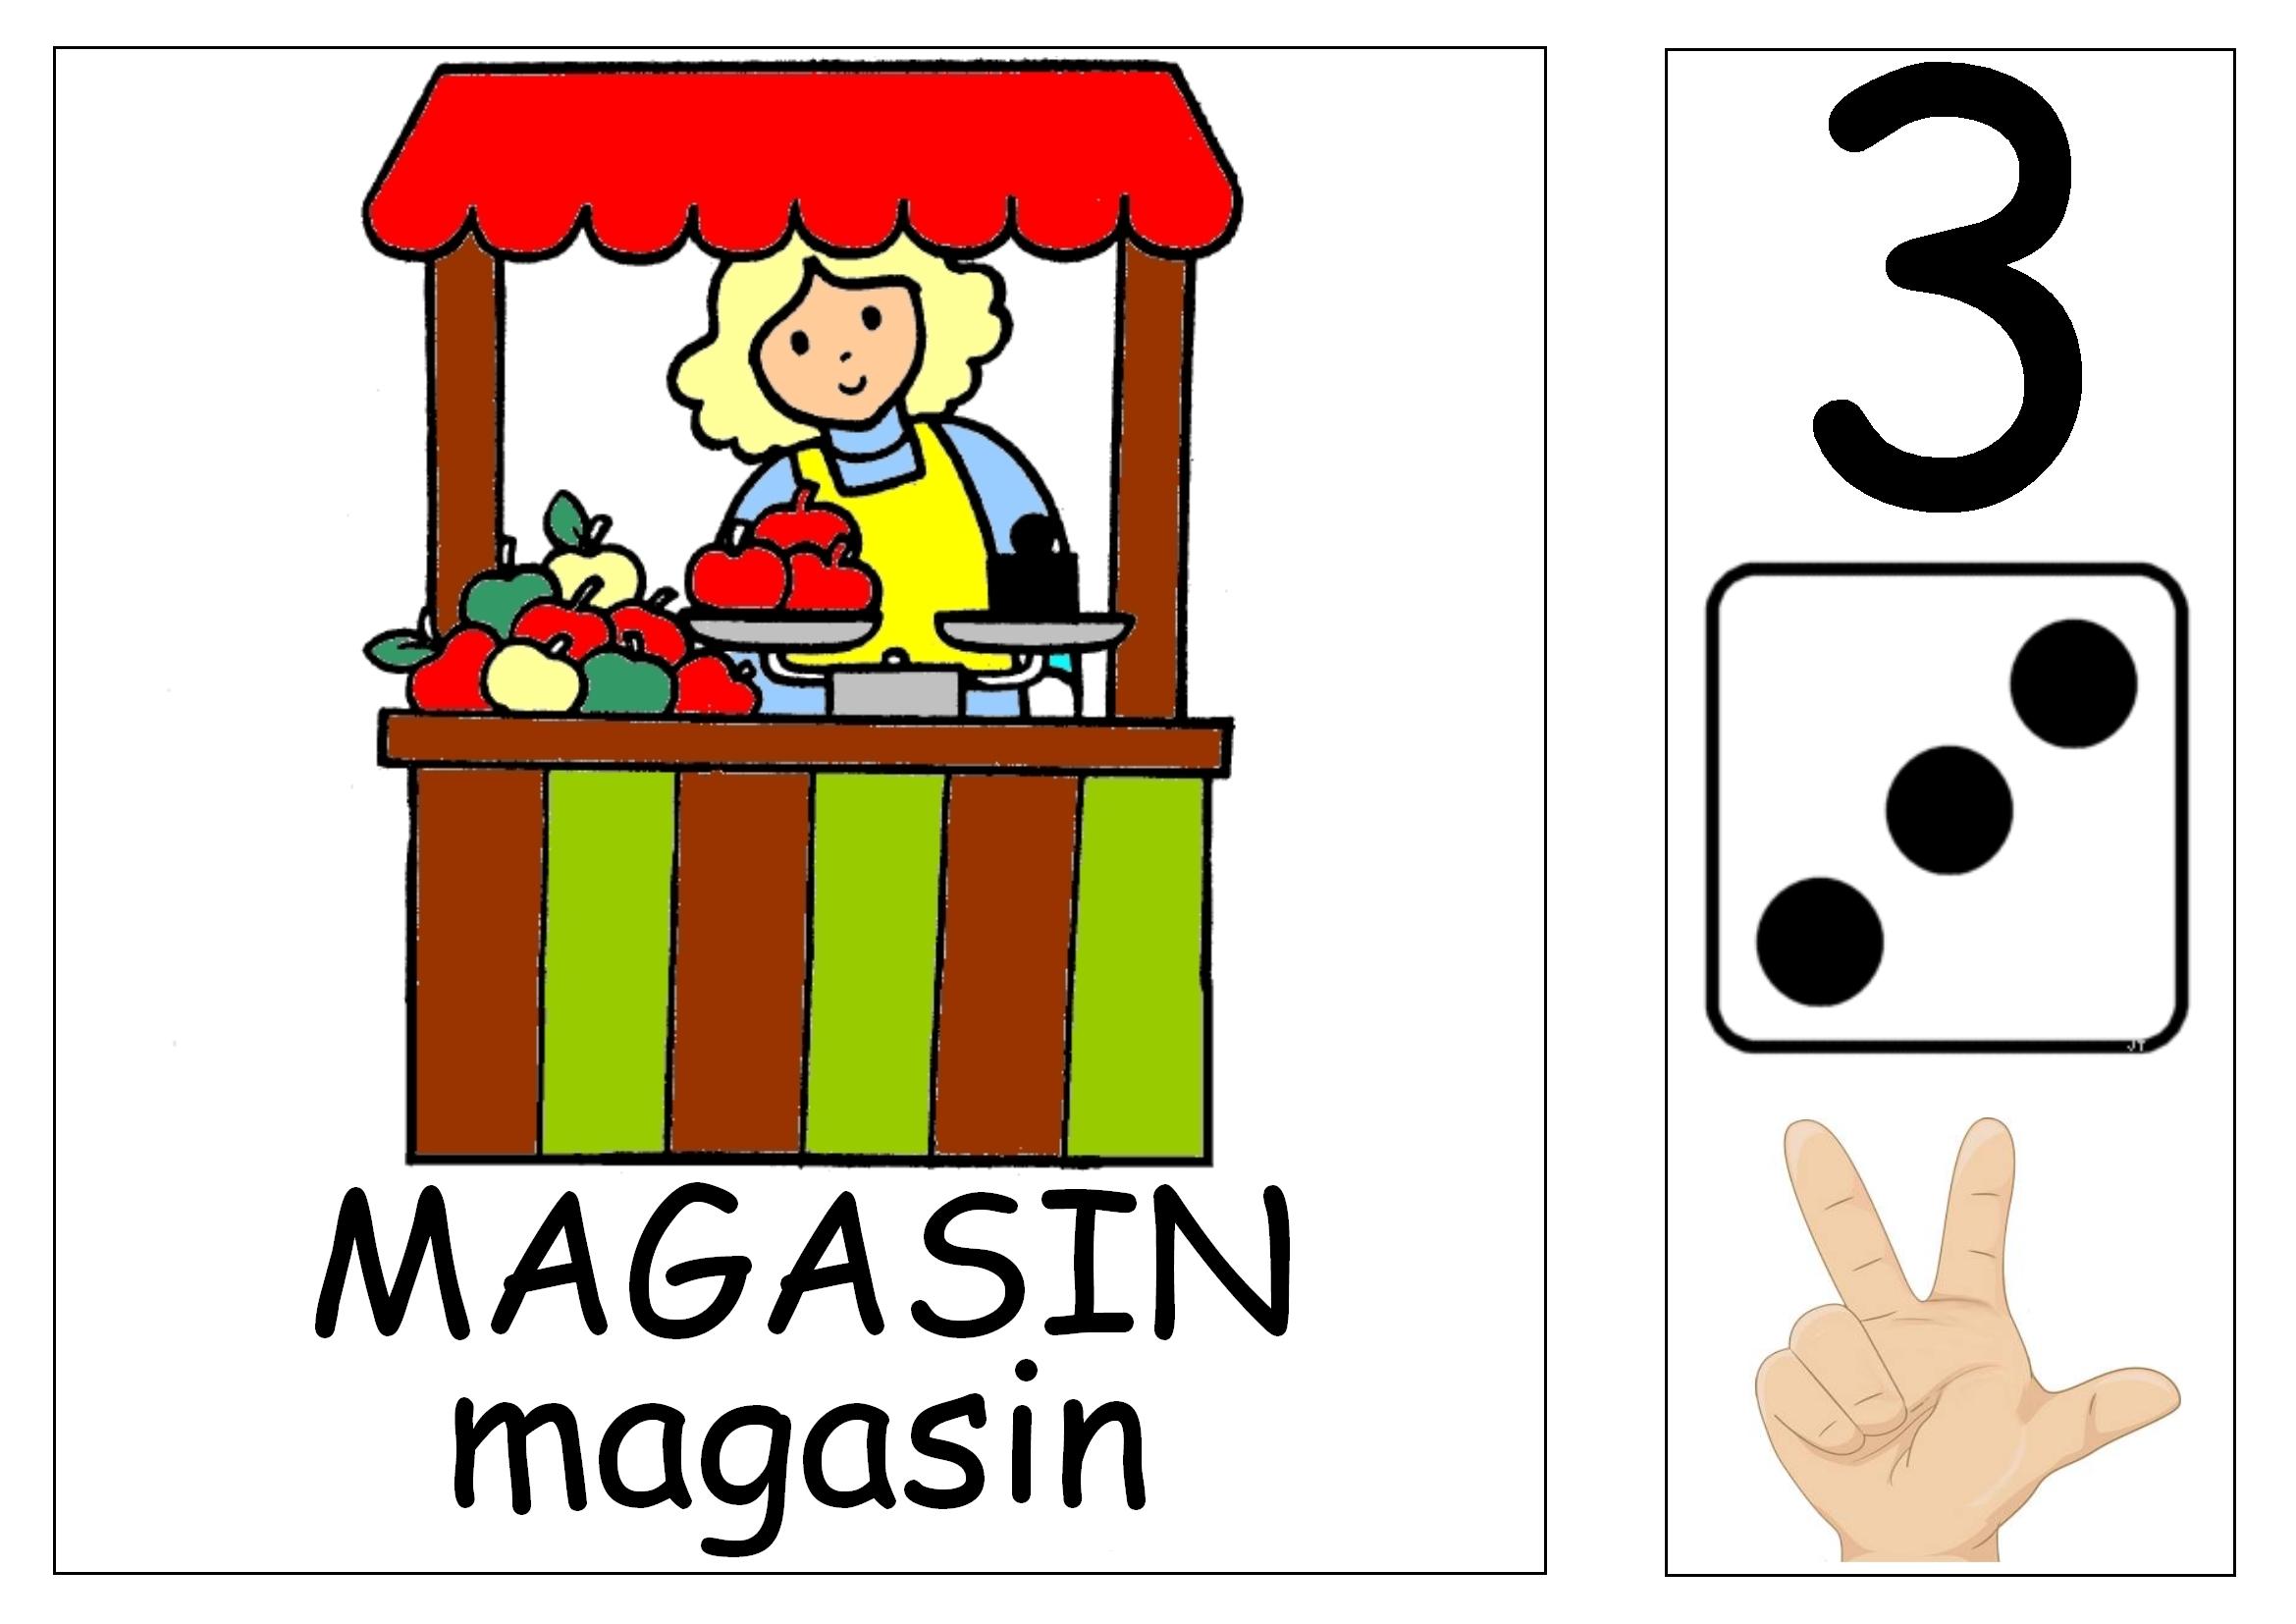 Les affichettes pour les coins et ateliers maitresse myriam - La marchande de couleur ...